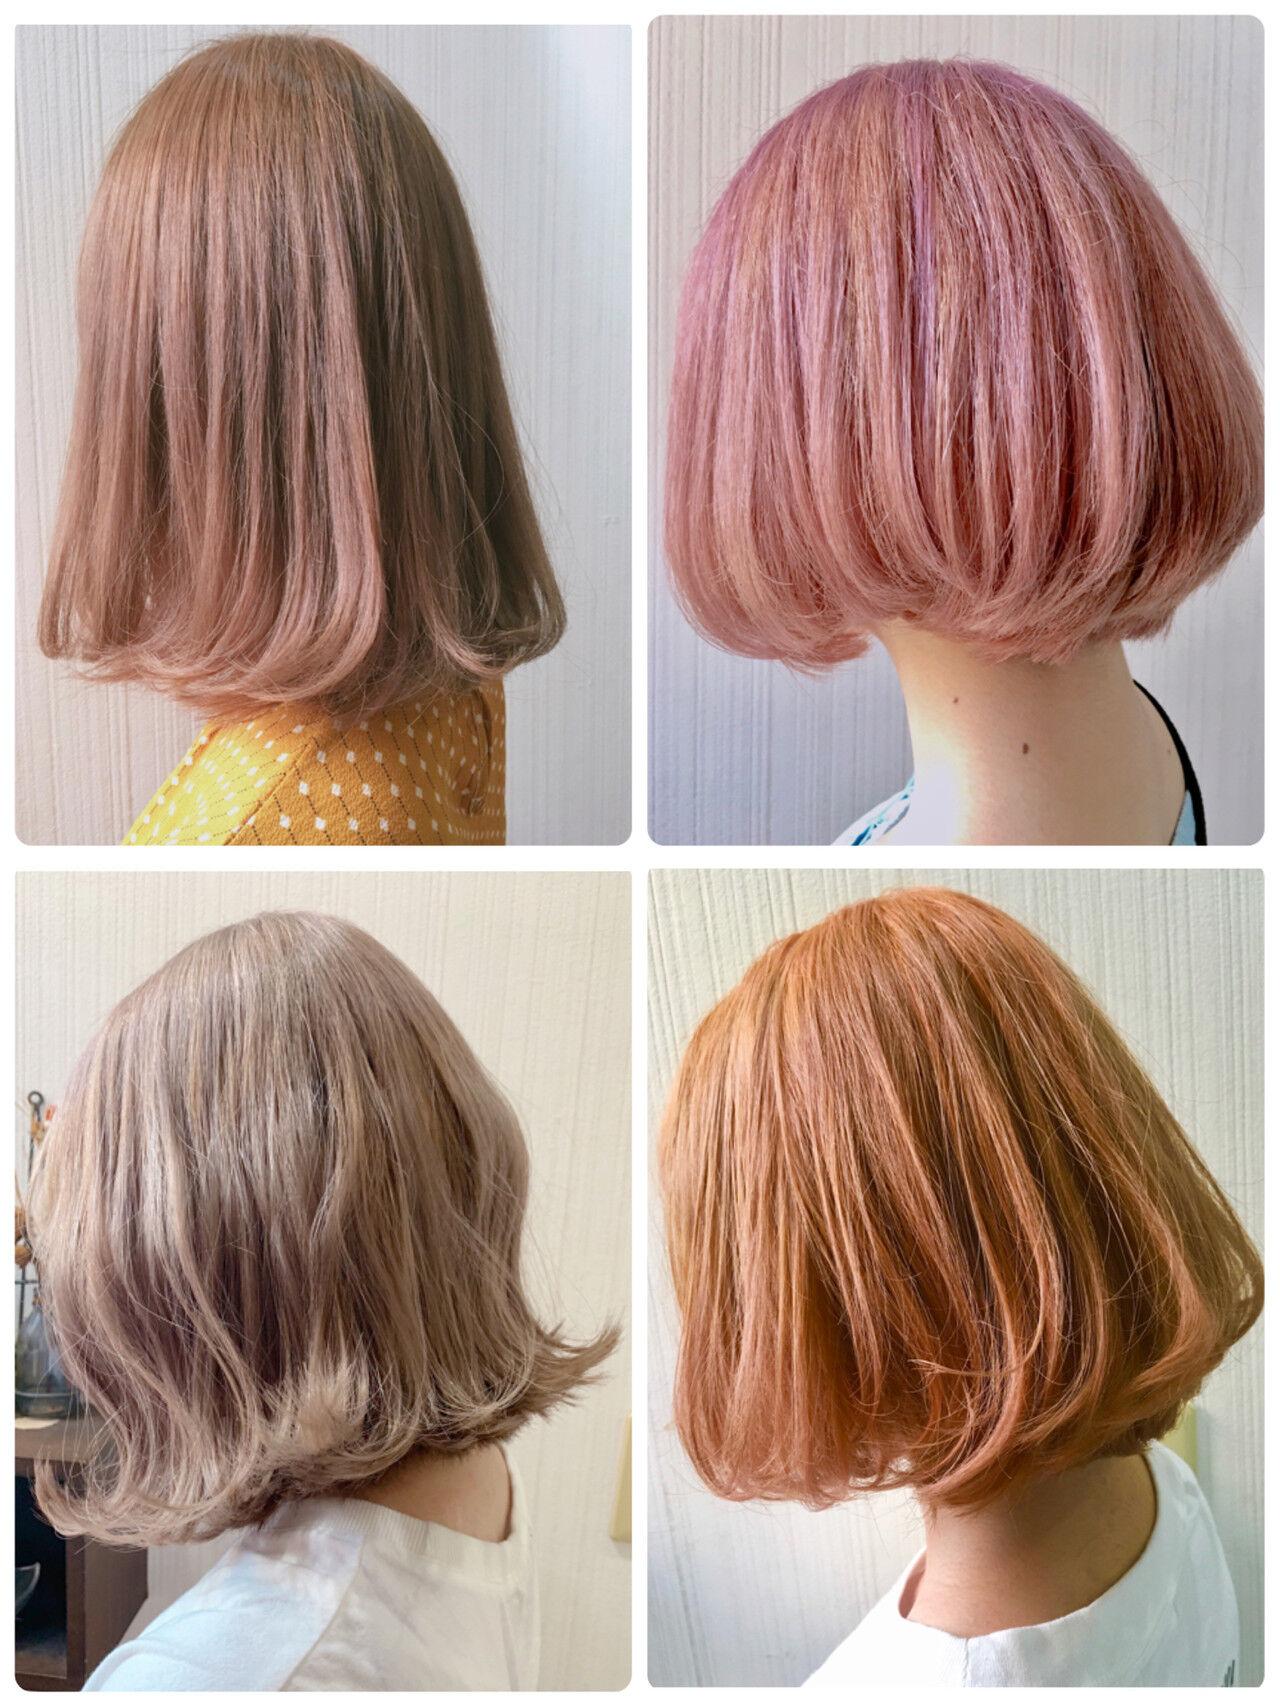 アッシュベージュ 大人かわいい 切りっぱなしボブ インナーカラーヘアスタイルや髪型の写真・画像